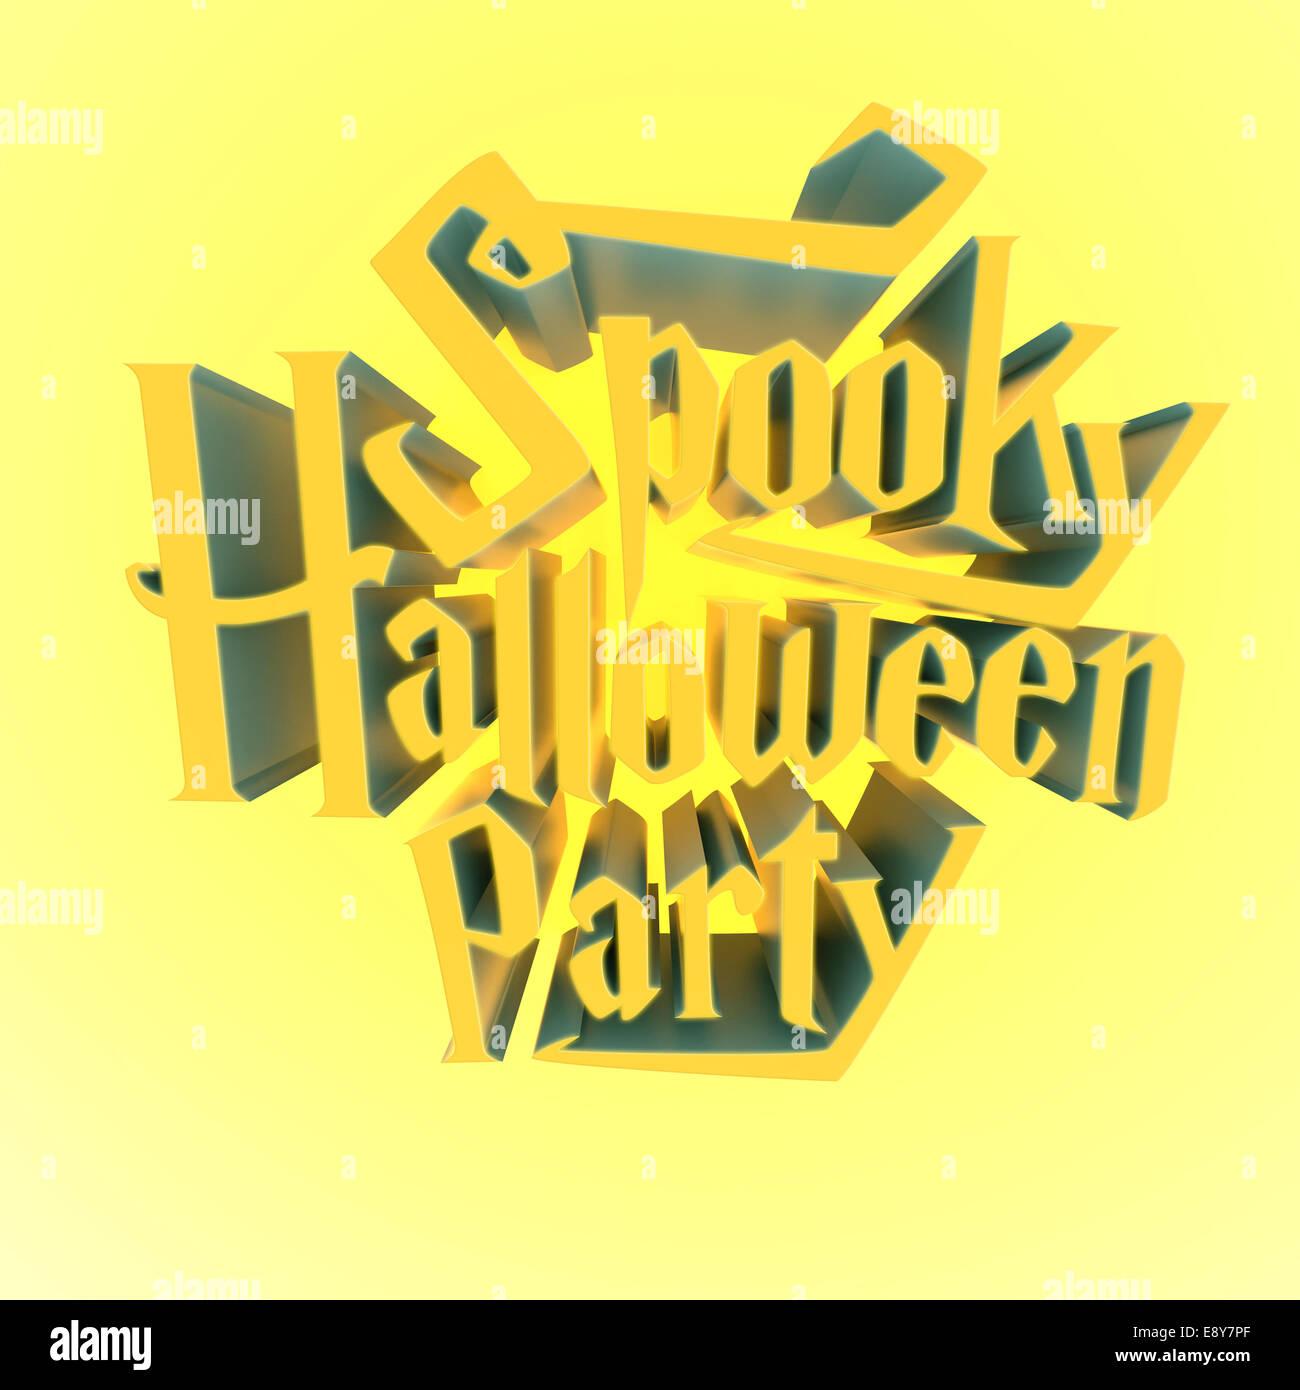 Spooky Halloween Party Glowing Suny Letras 3d Para Poster Plantilla